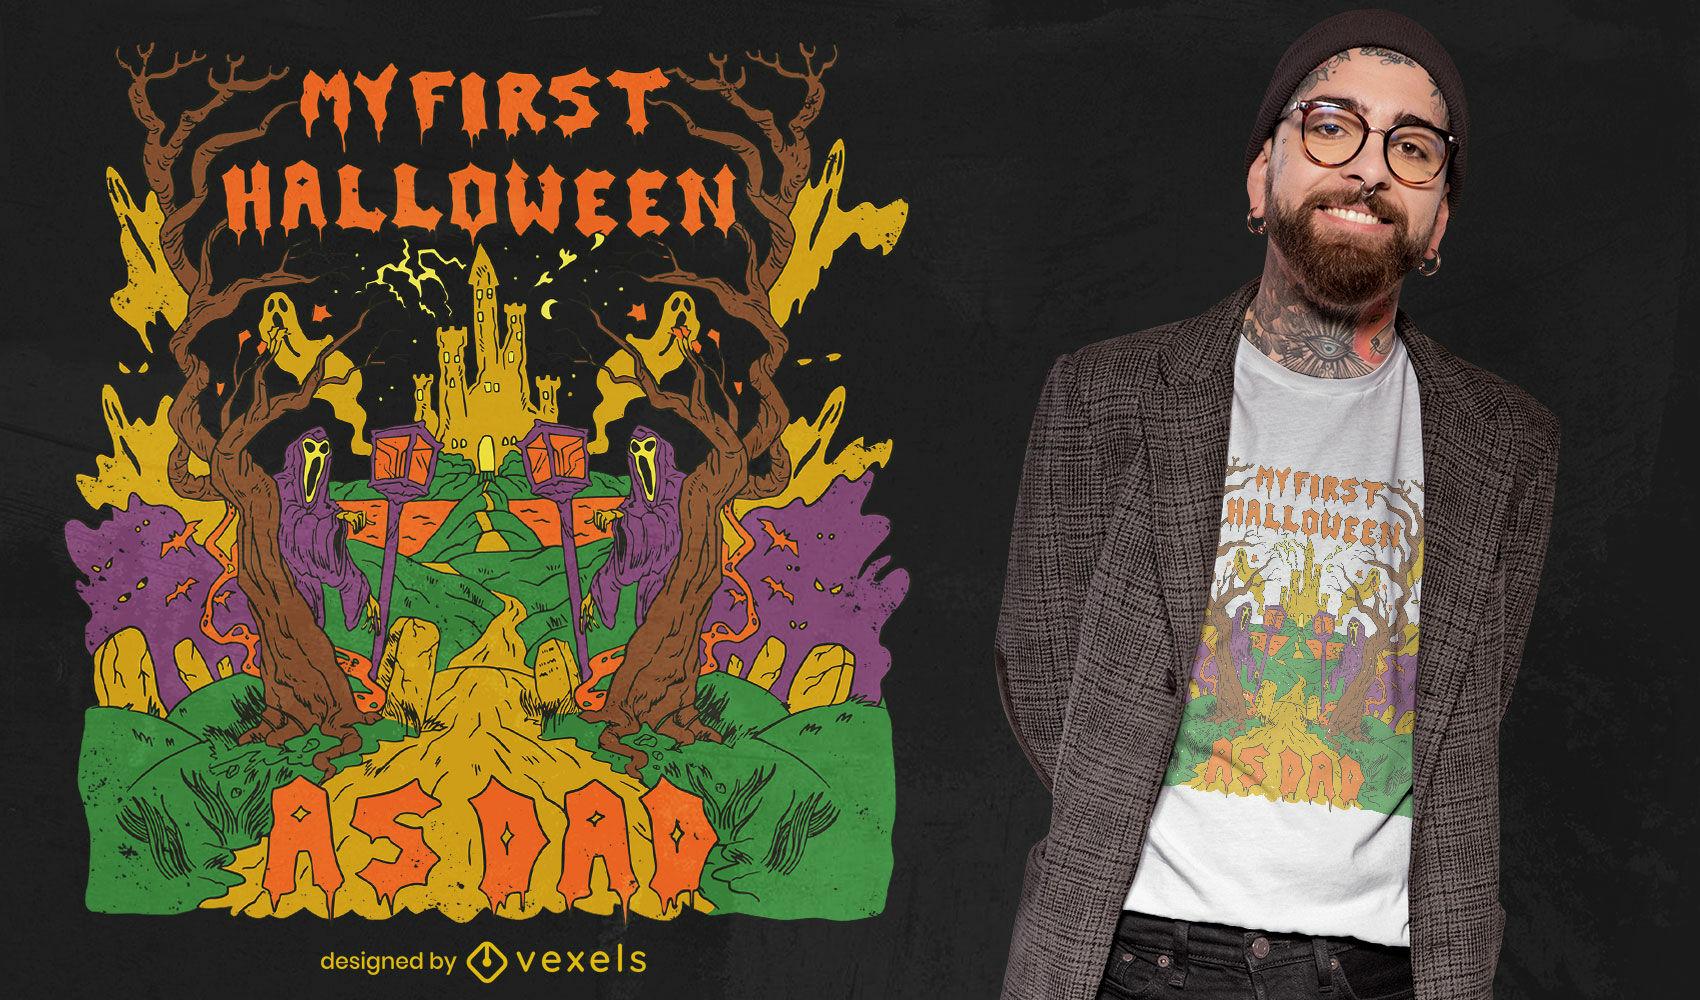 Dise?o de camiseta de halloween de primer pap?